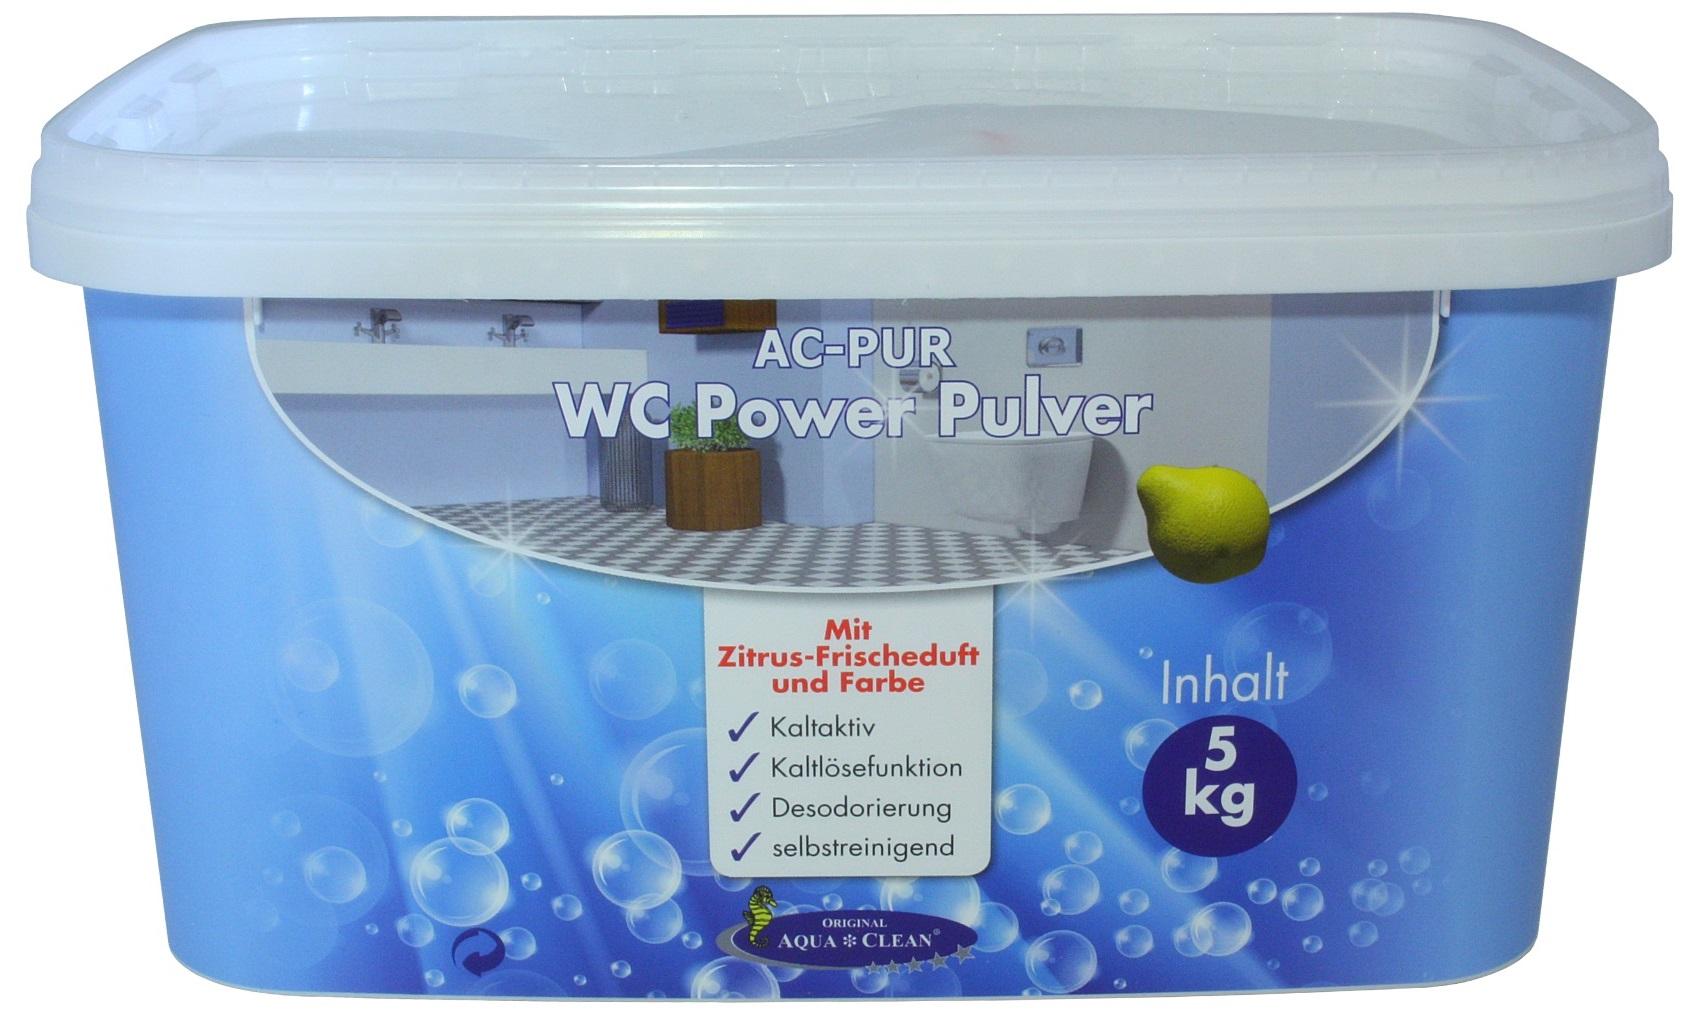 aqua clean wc power pulver 5kg neu mit zitrus frischeduft. Black Bedroom Furniture Sets. Home Design Ideas